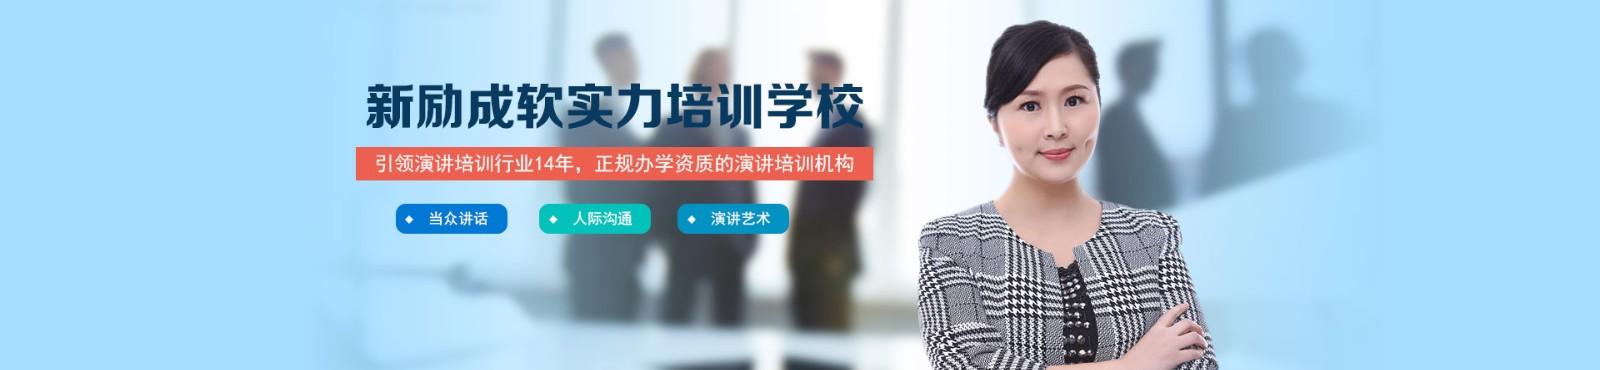 洛阳新励成口才龙8国际注册学校 横幅广告